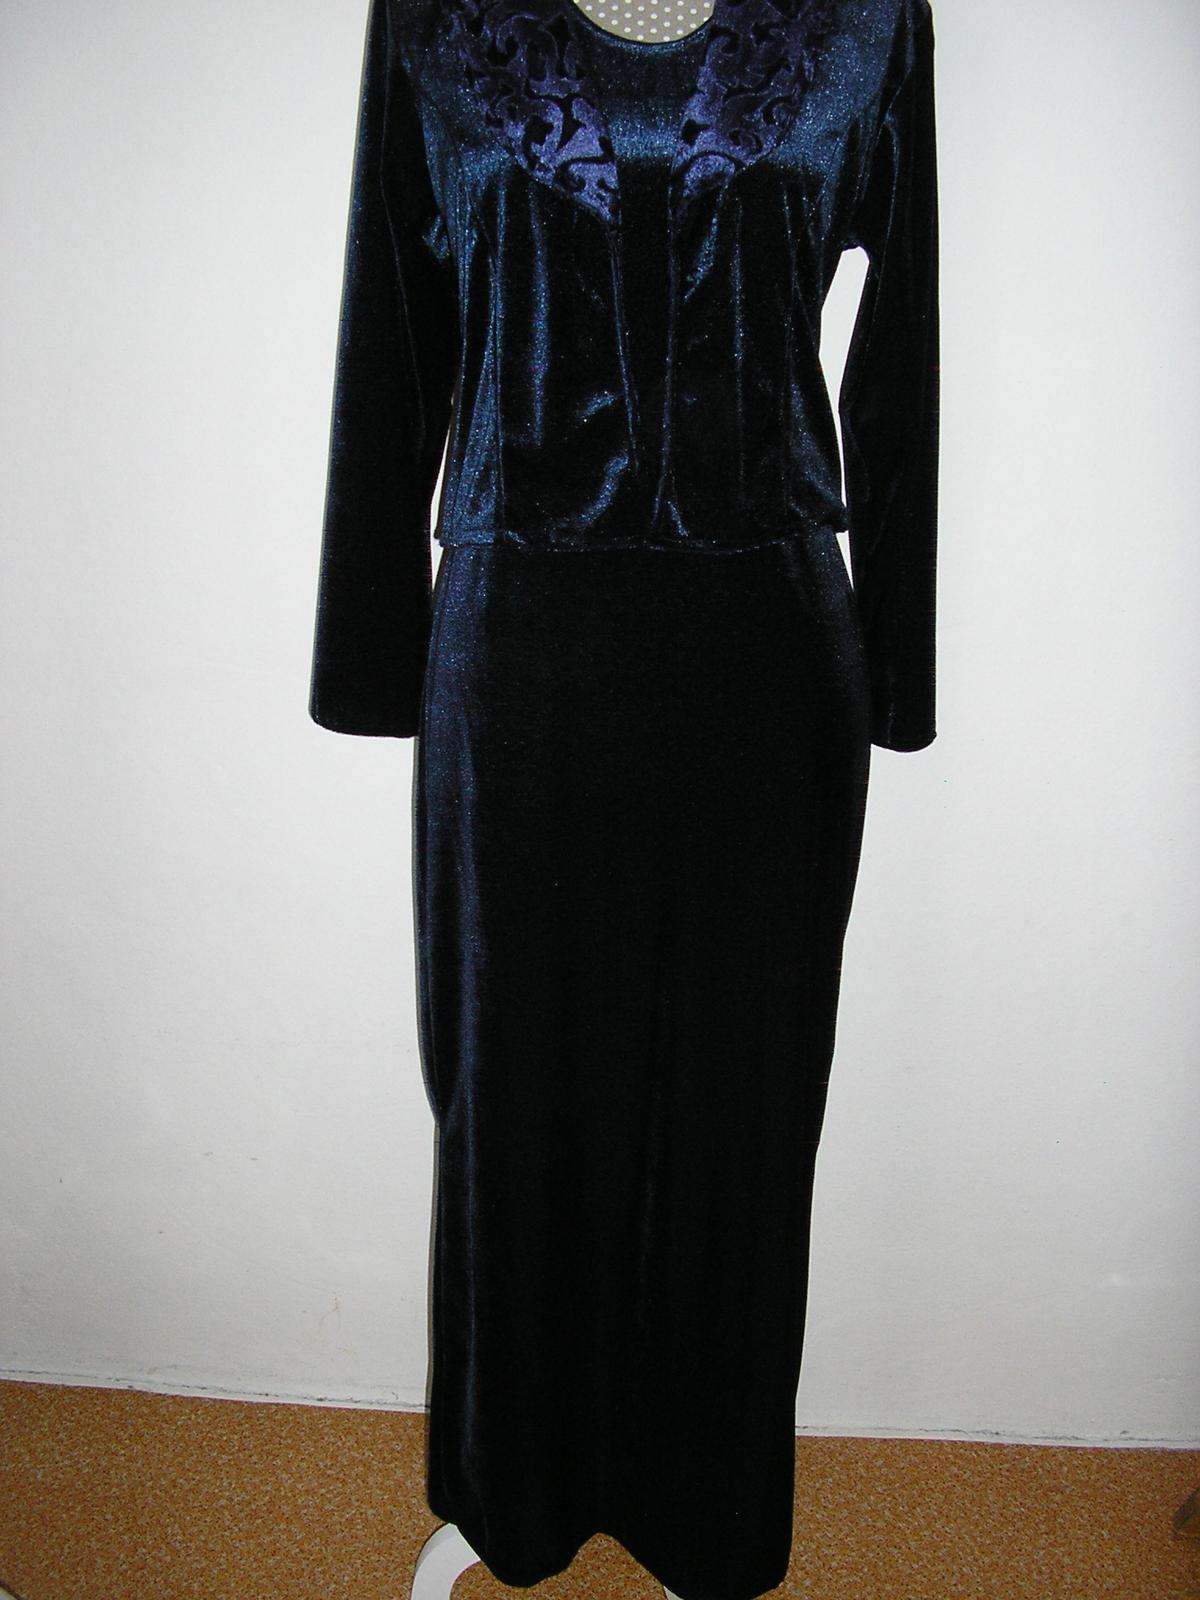 1257. Komplet dlhe šaty a vrch - Obrázok č. 1